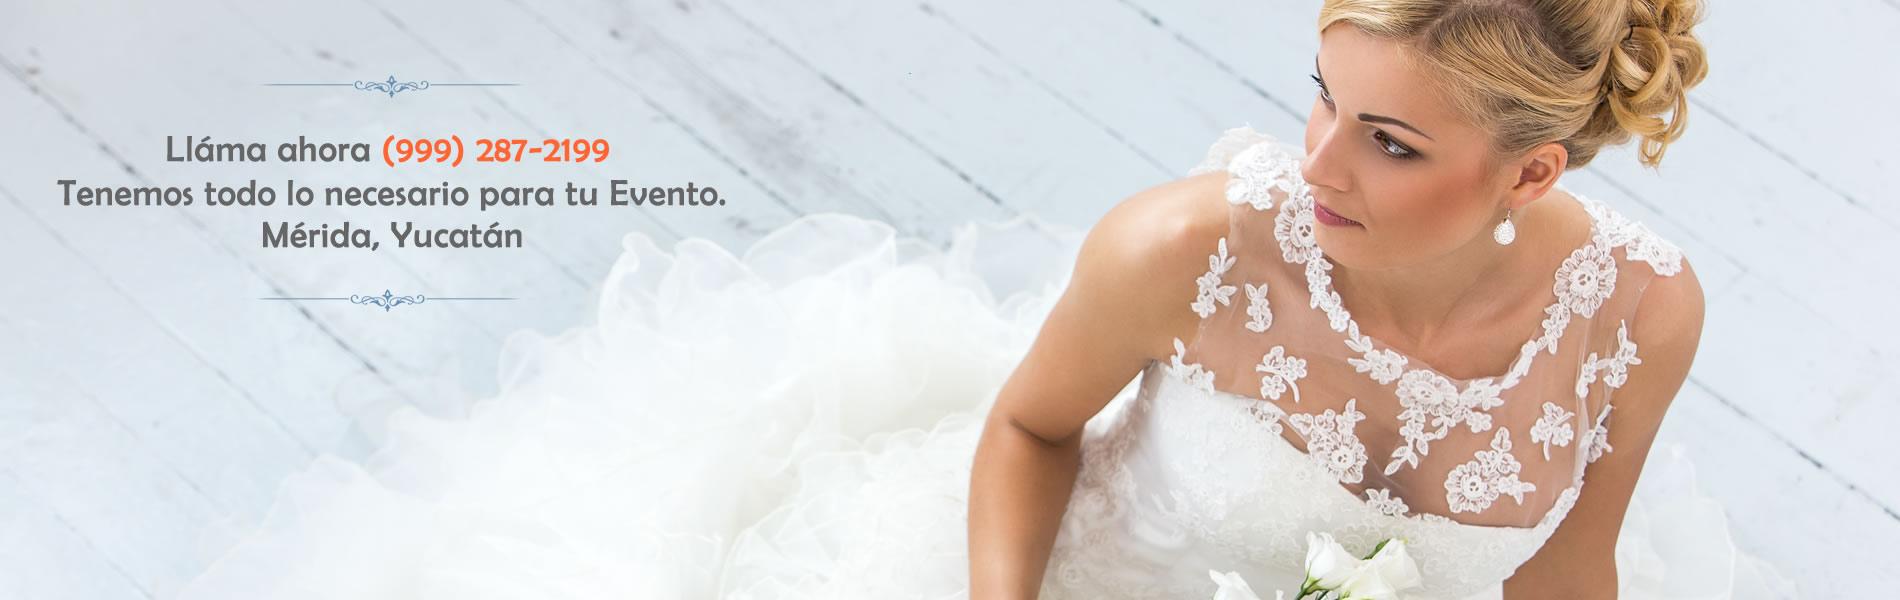 bodas y eventos merida